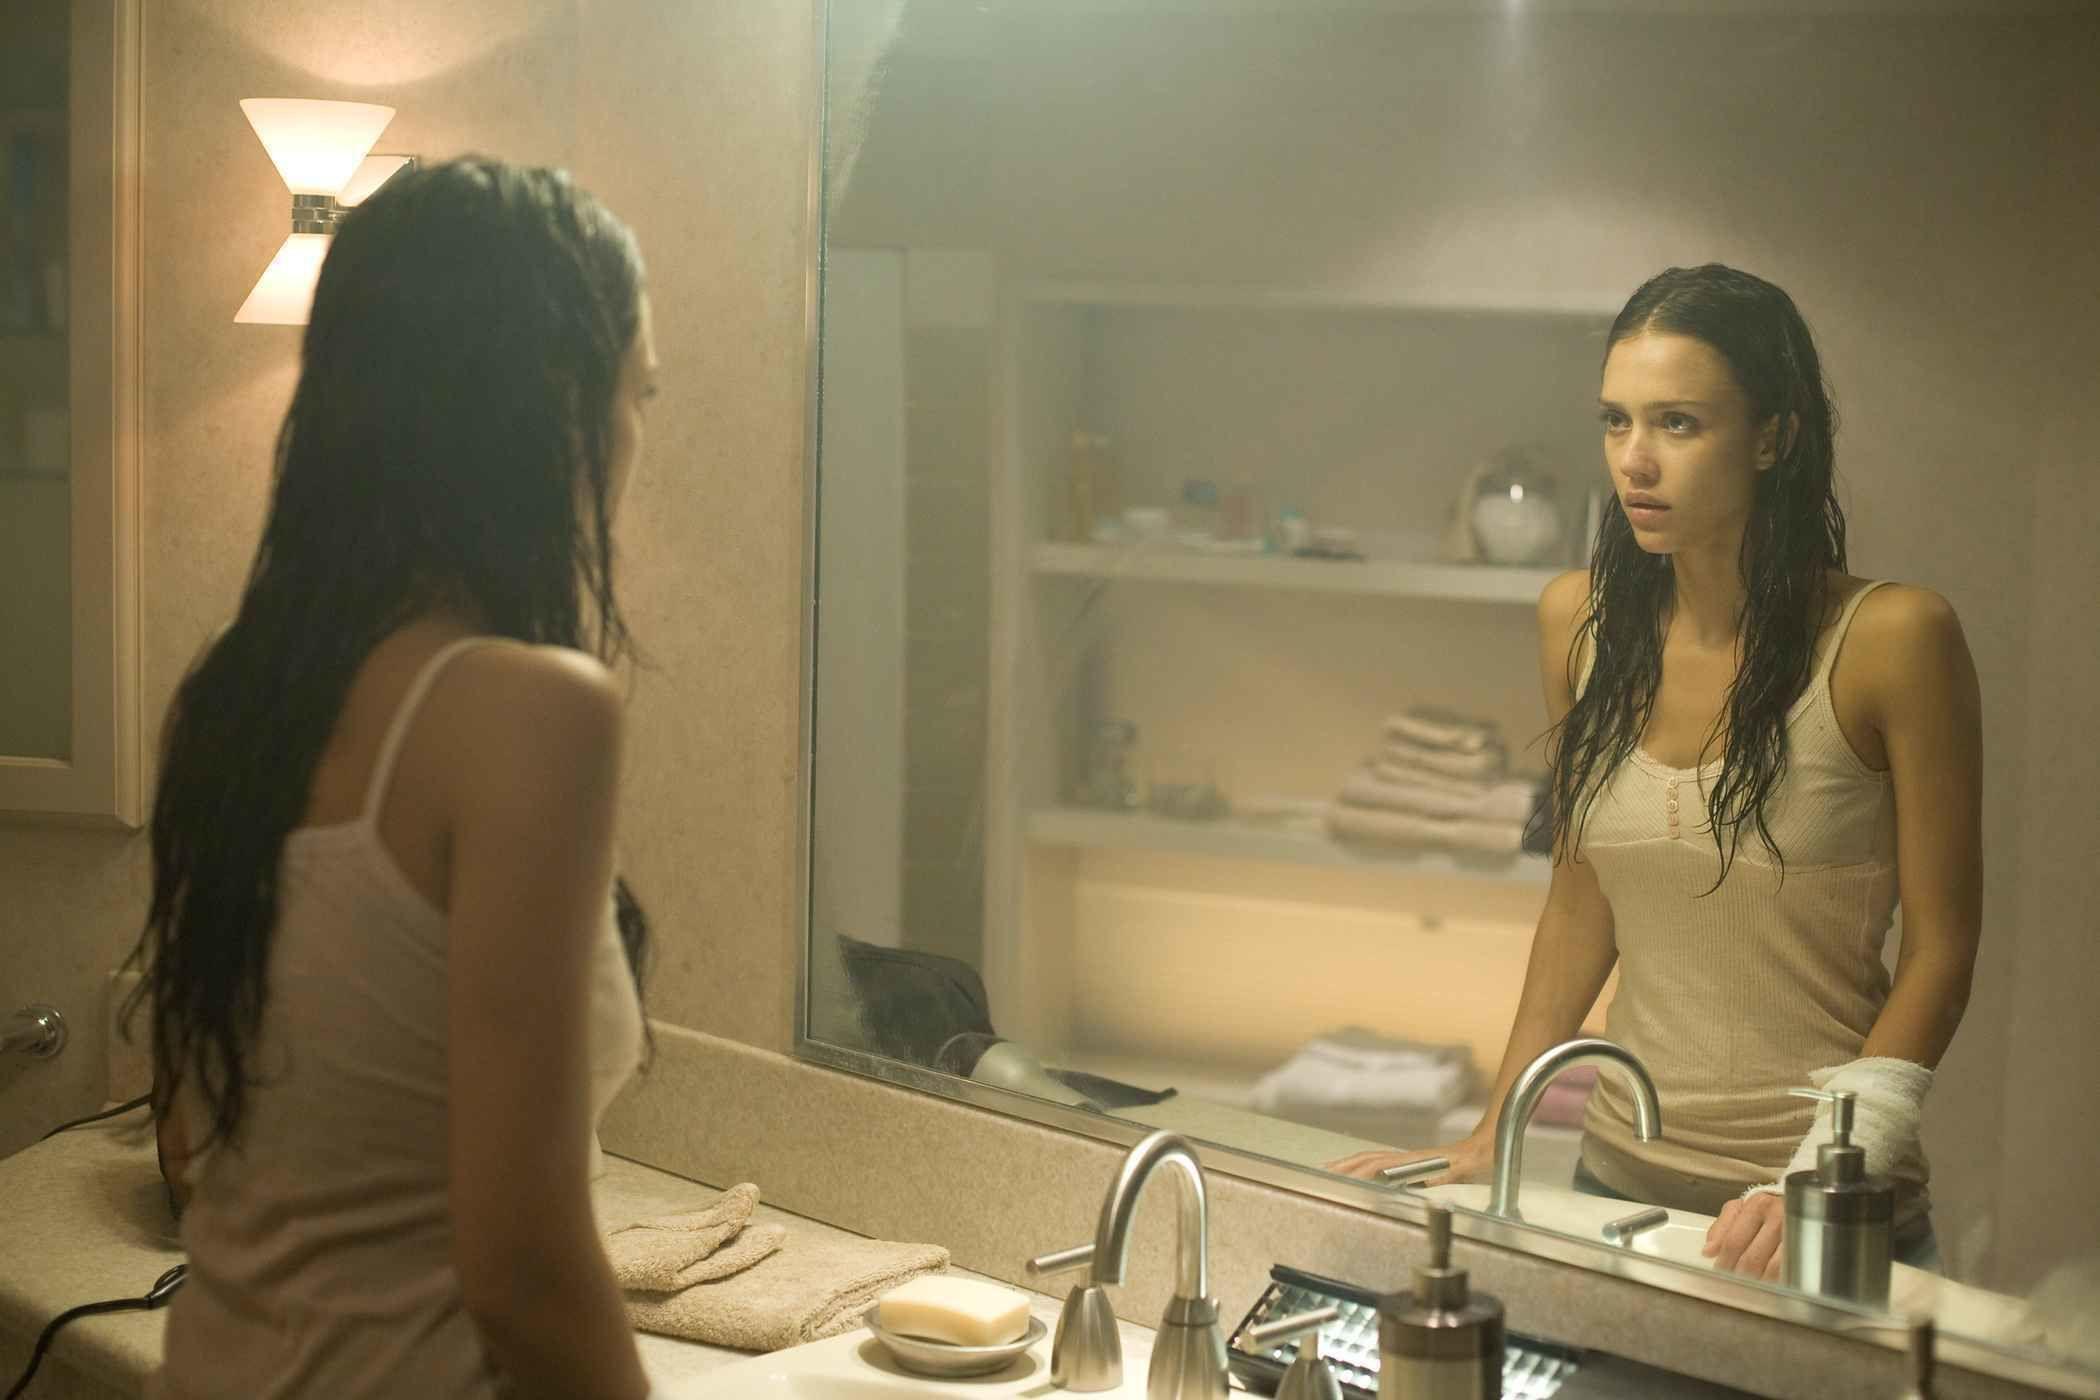 9 Judul Film Klasik Ini Serem  Bikin Nggak Bisa Tidur